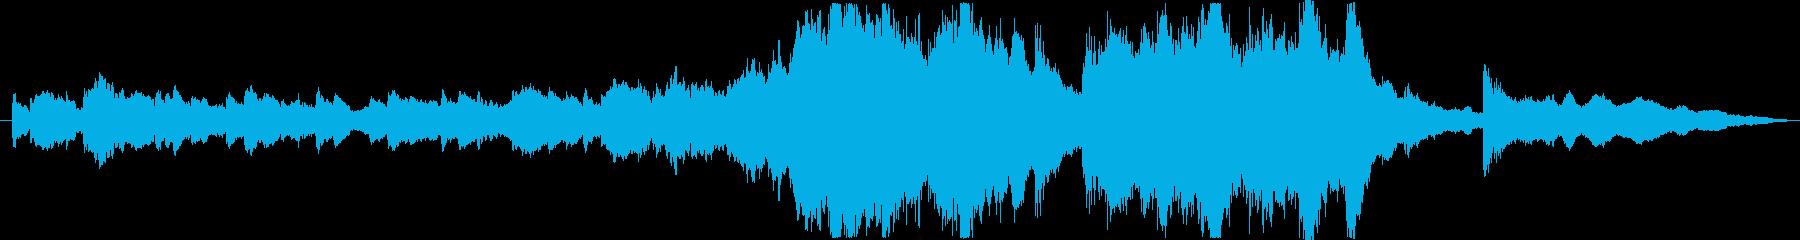 RPG/感動的イベント/オーケストラの再生済みの波形